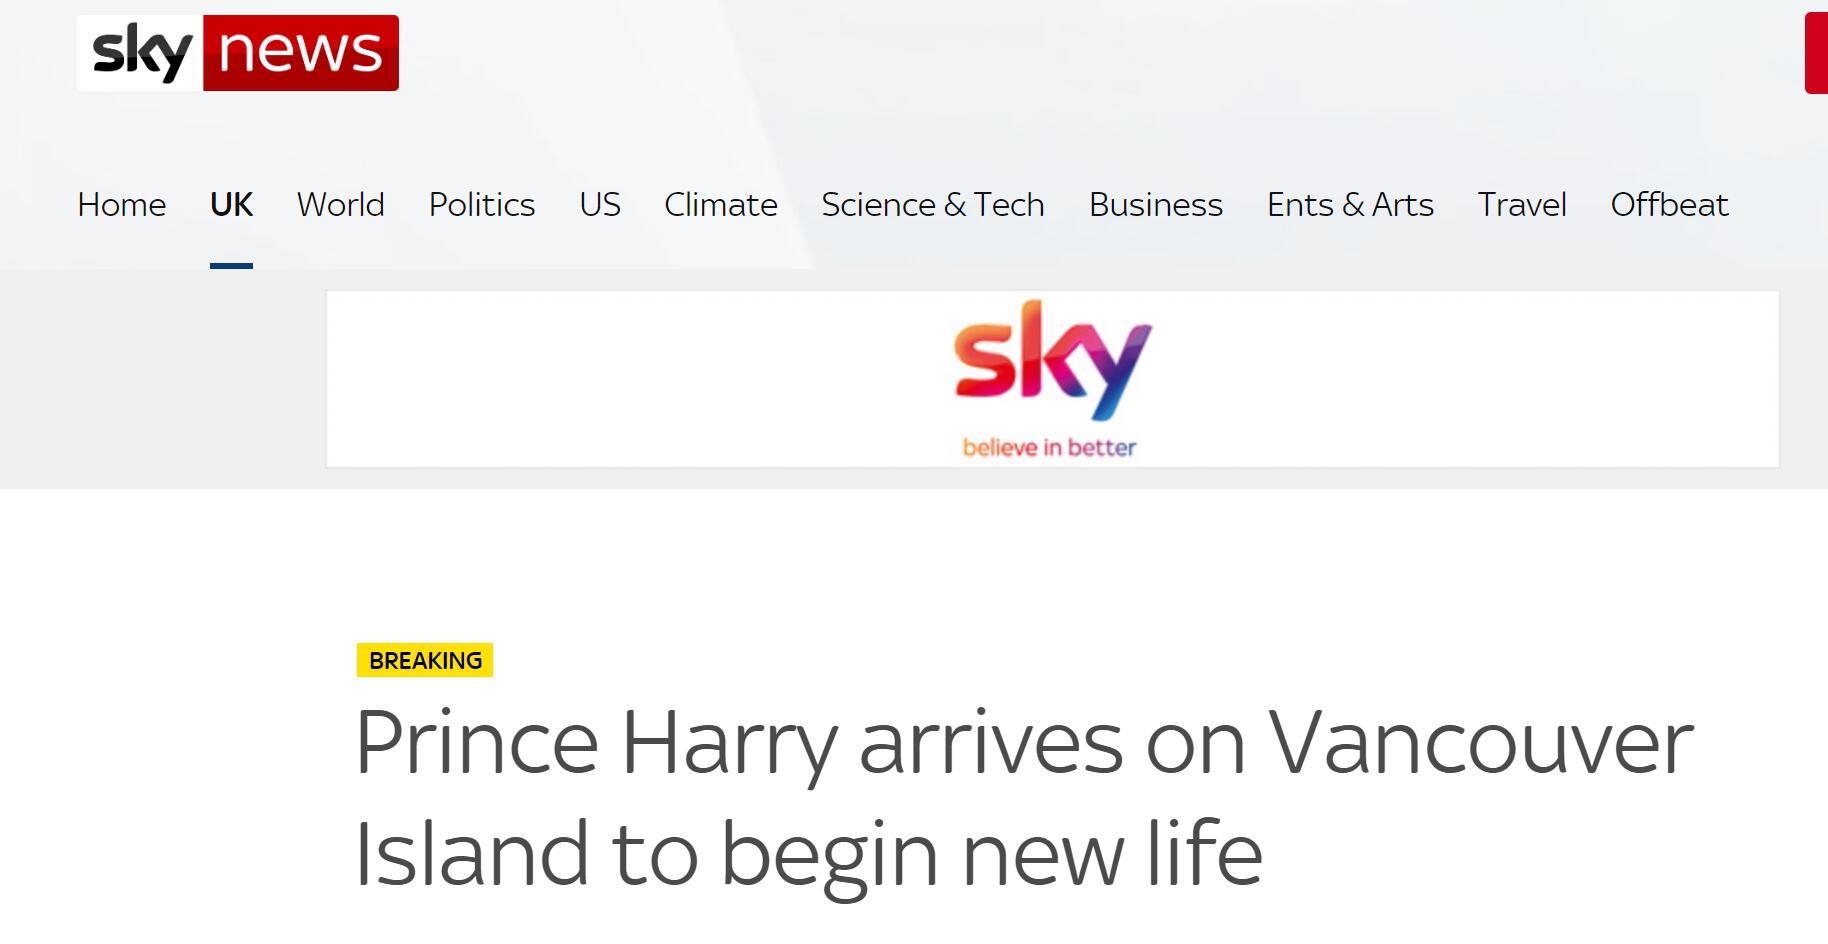 快讯!哈里王子已经抵达加拿大